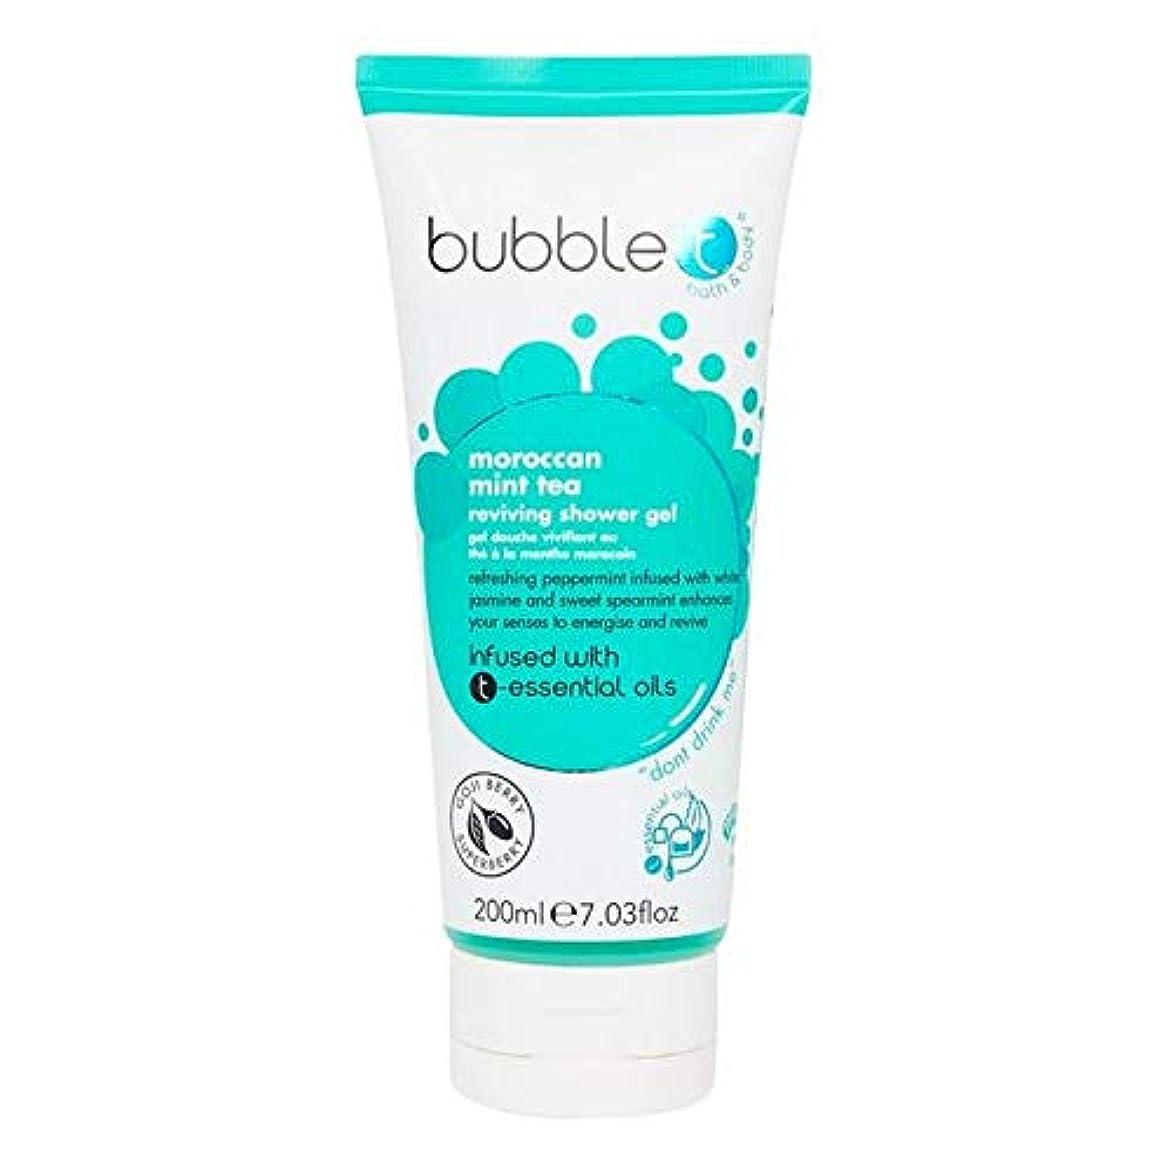 隠されたモンスター見捨てる[Bubble T ] バブルトン化粧品シャワージェル、モロッコのミントティーを200ミリリットル - Bubble T Cosmetics Shower Gel, Moroccan Mint Tea 200ml [並行輸入品]